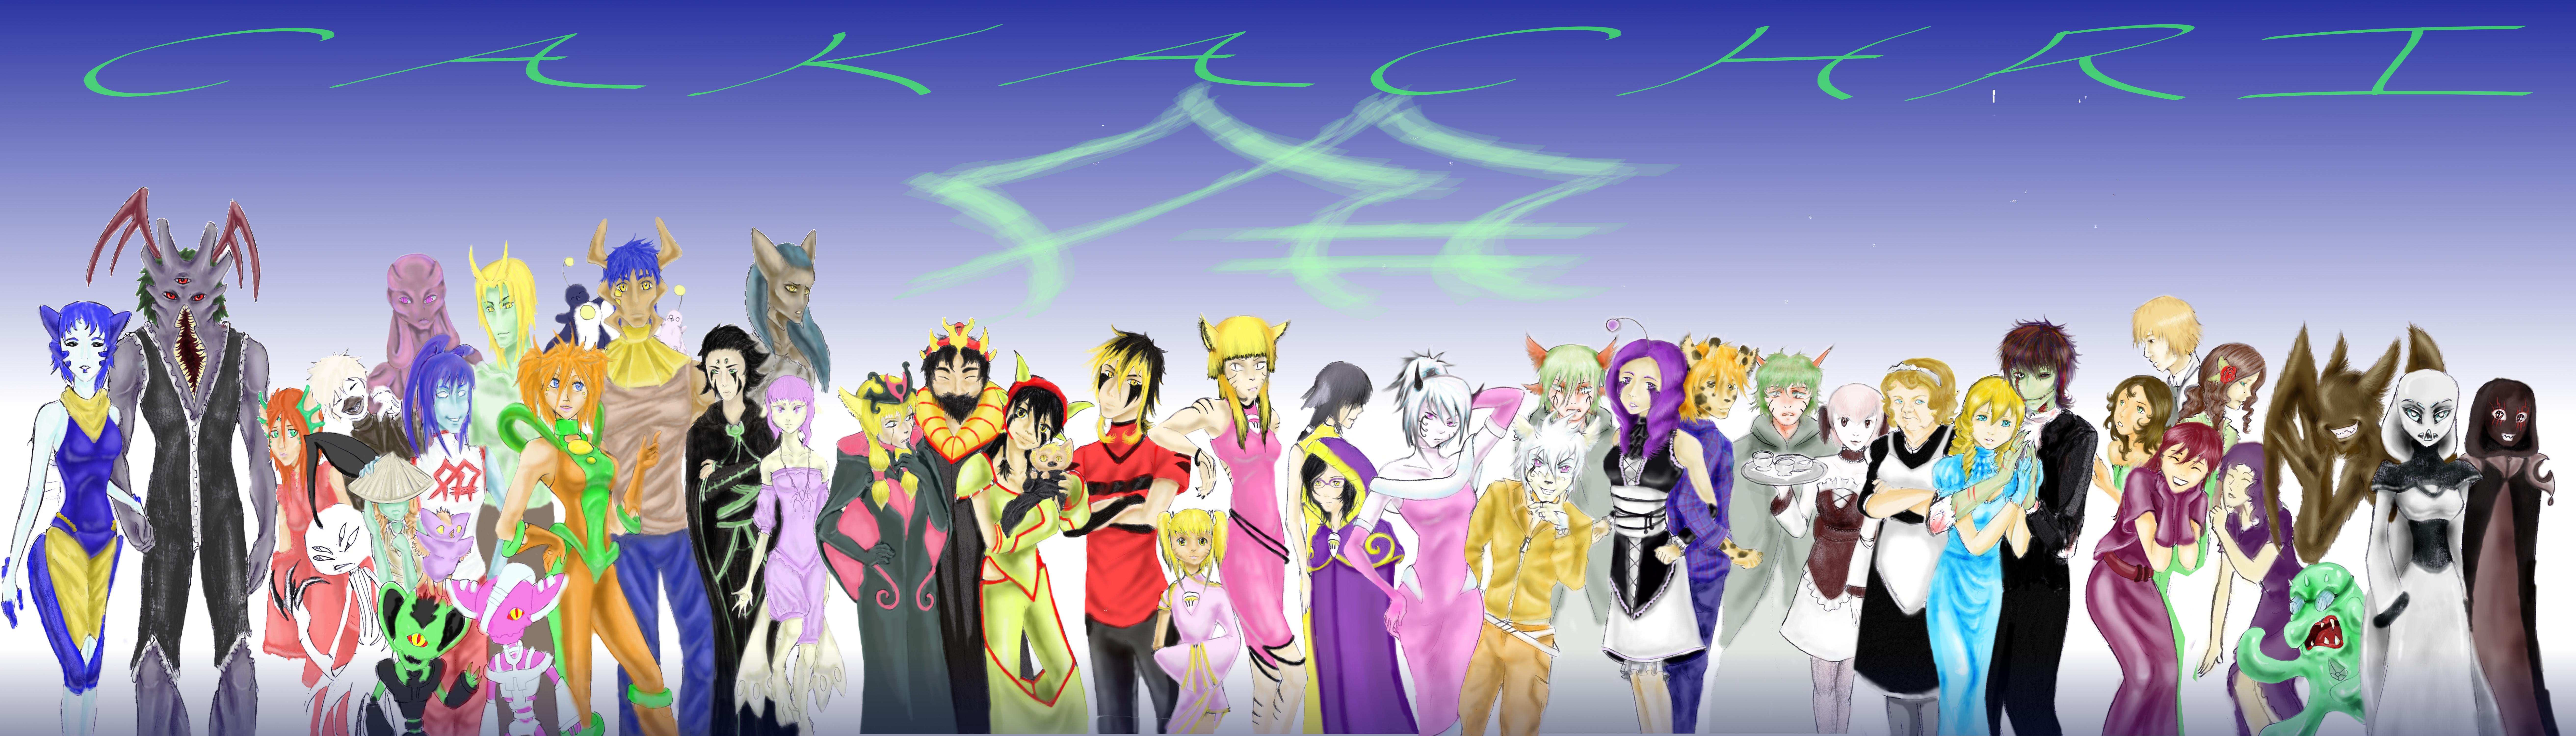 Cakachri Characters by Hahli1994